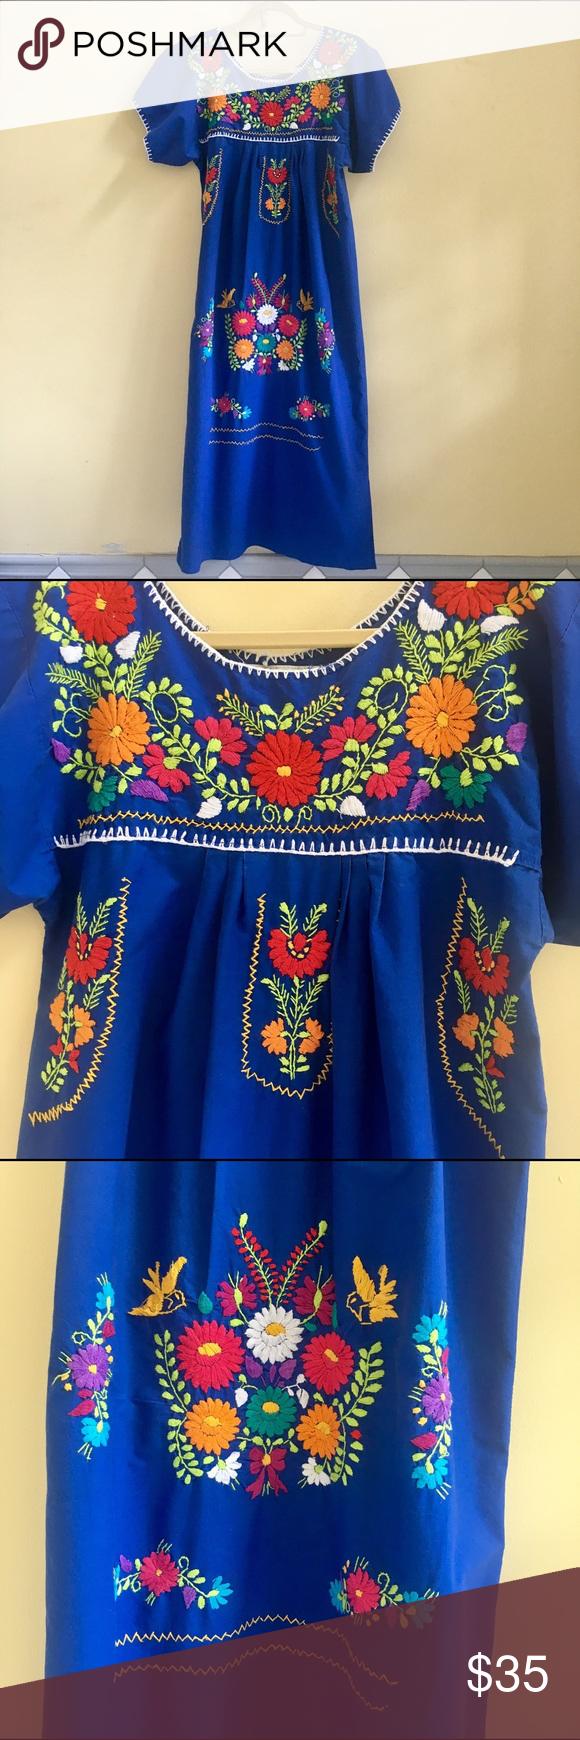 Mexican Dress Puebla Short Royal Blue